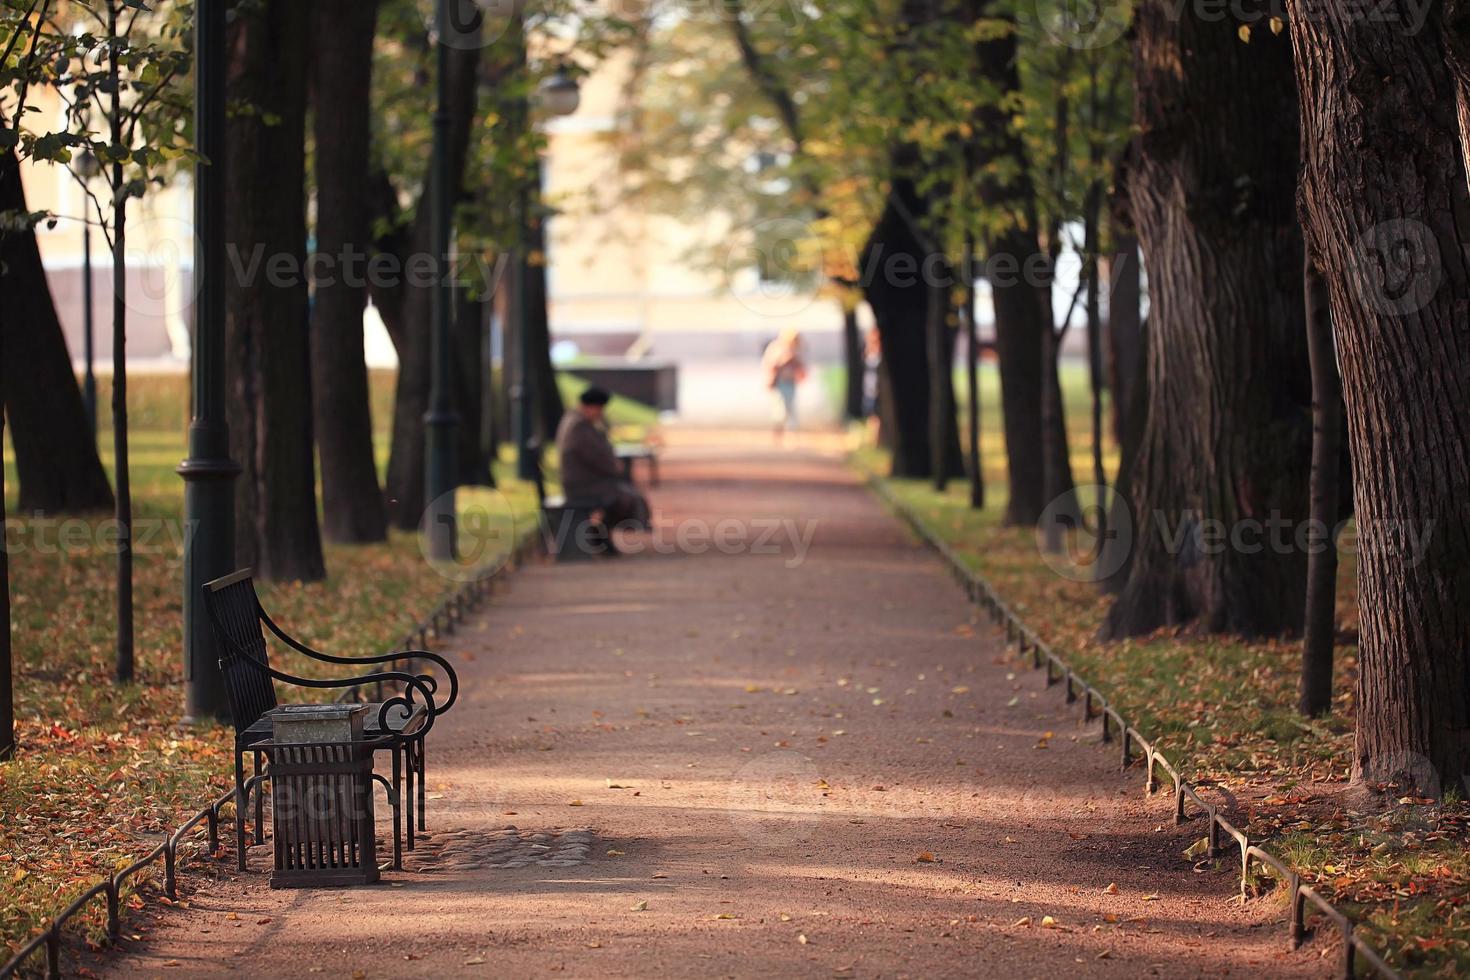 garden bench in autumn park landscape photo